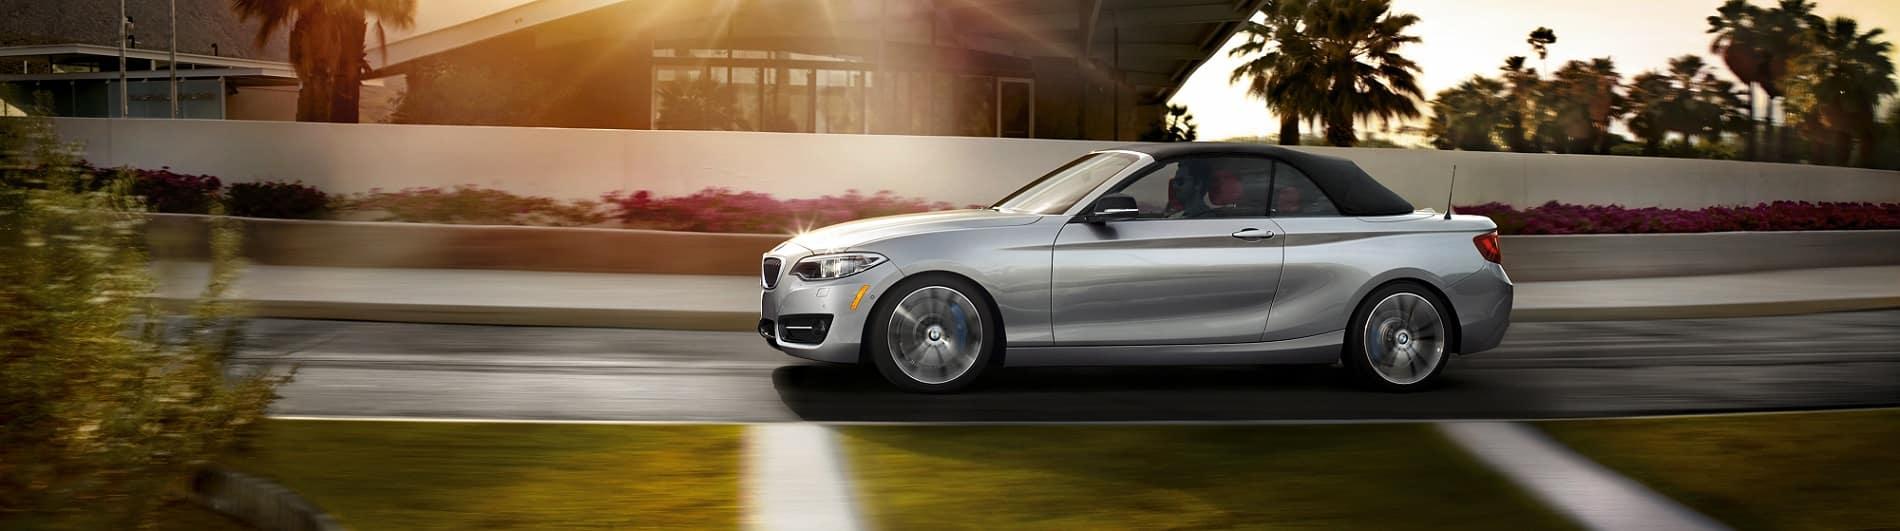 2019 BMW 2 Series Silver